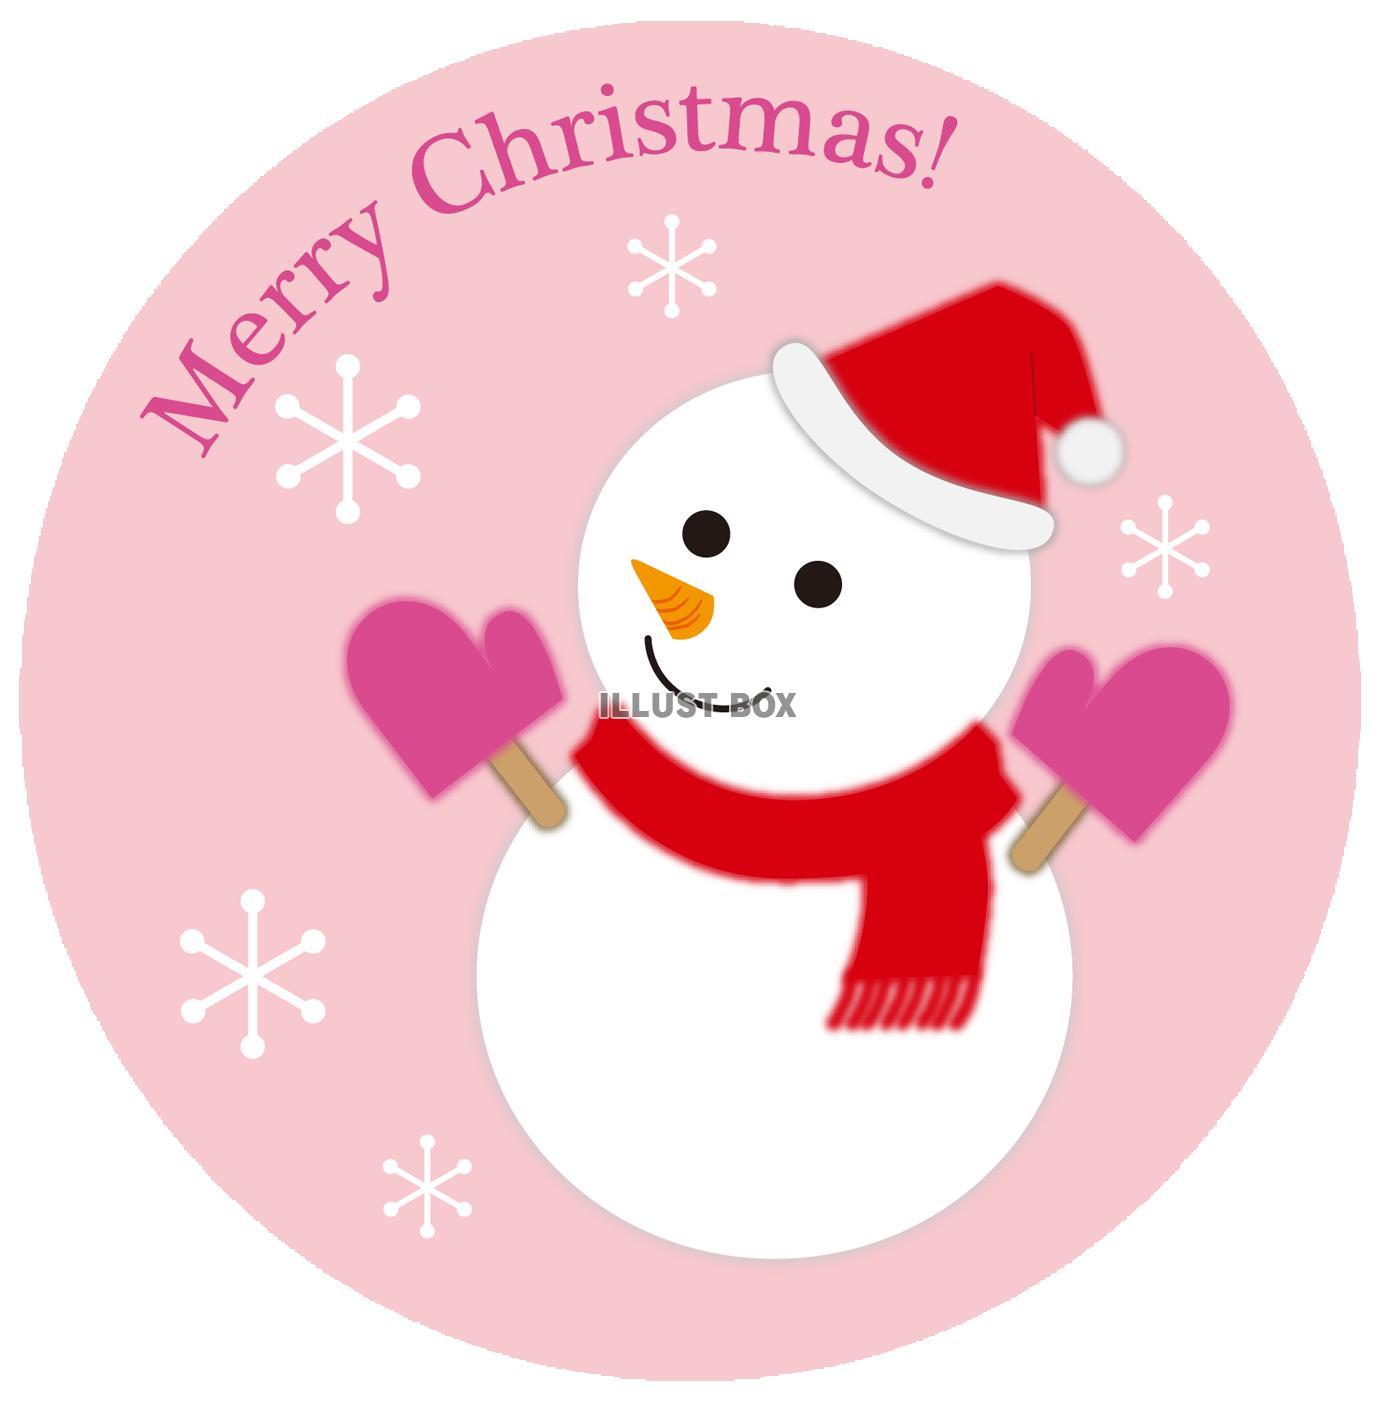 無料イラスト クリスマス!雪だるま【透過png】